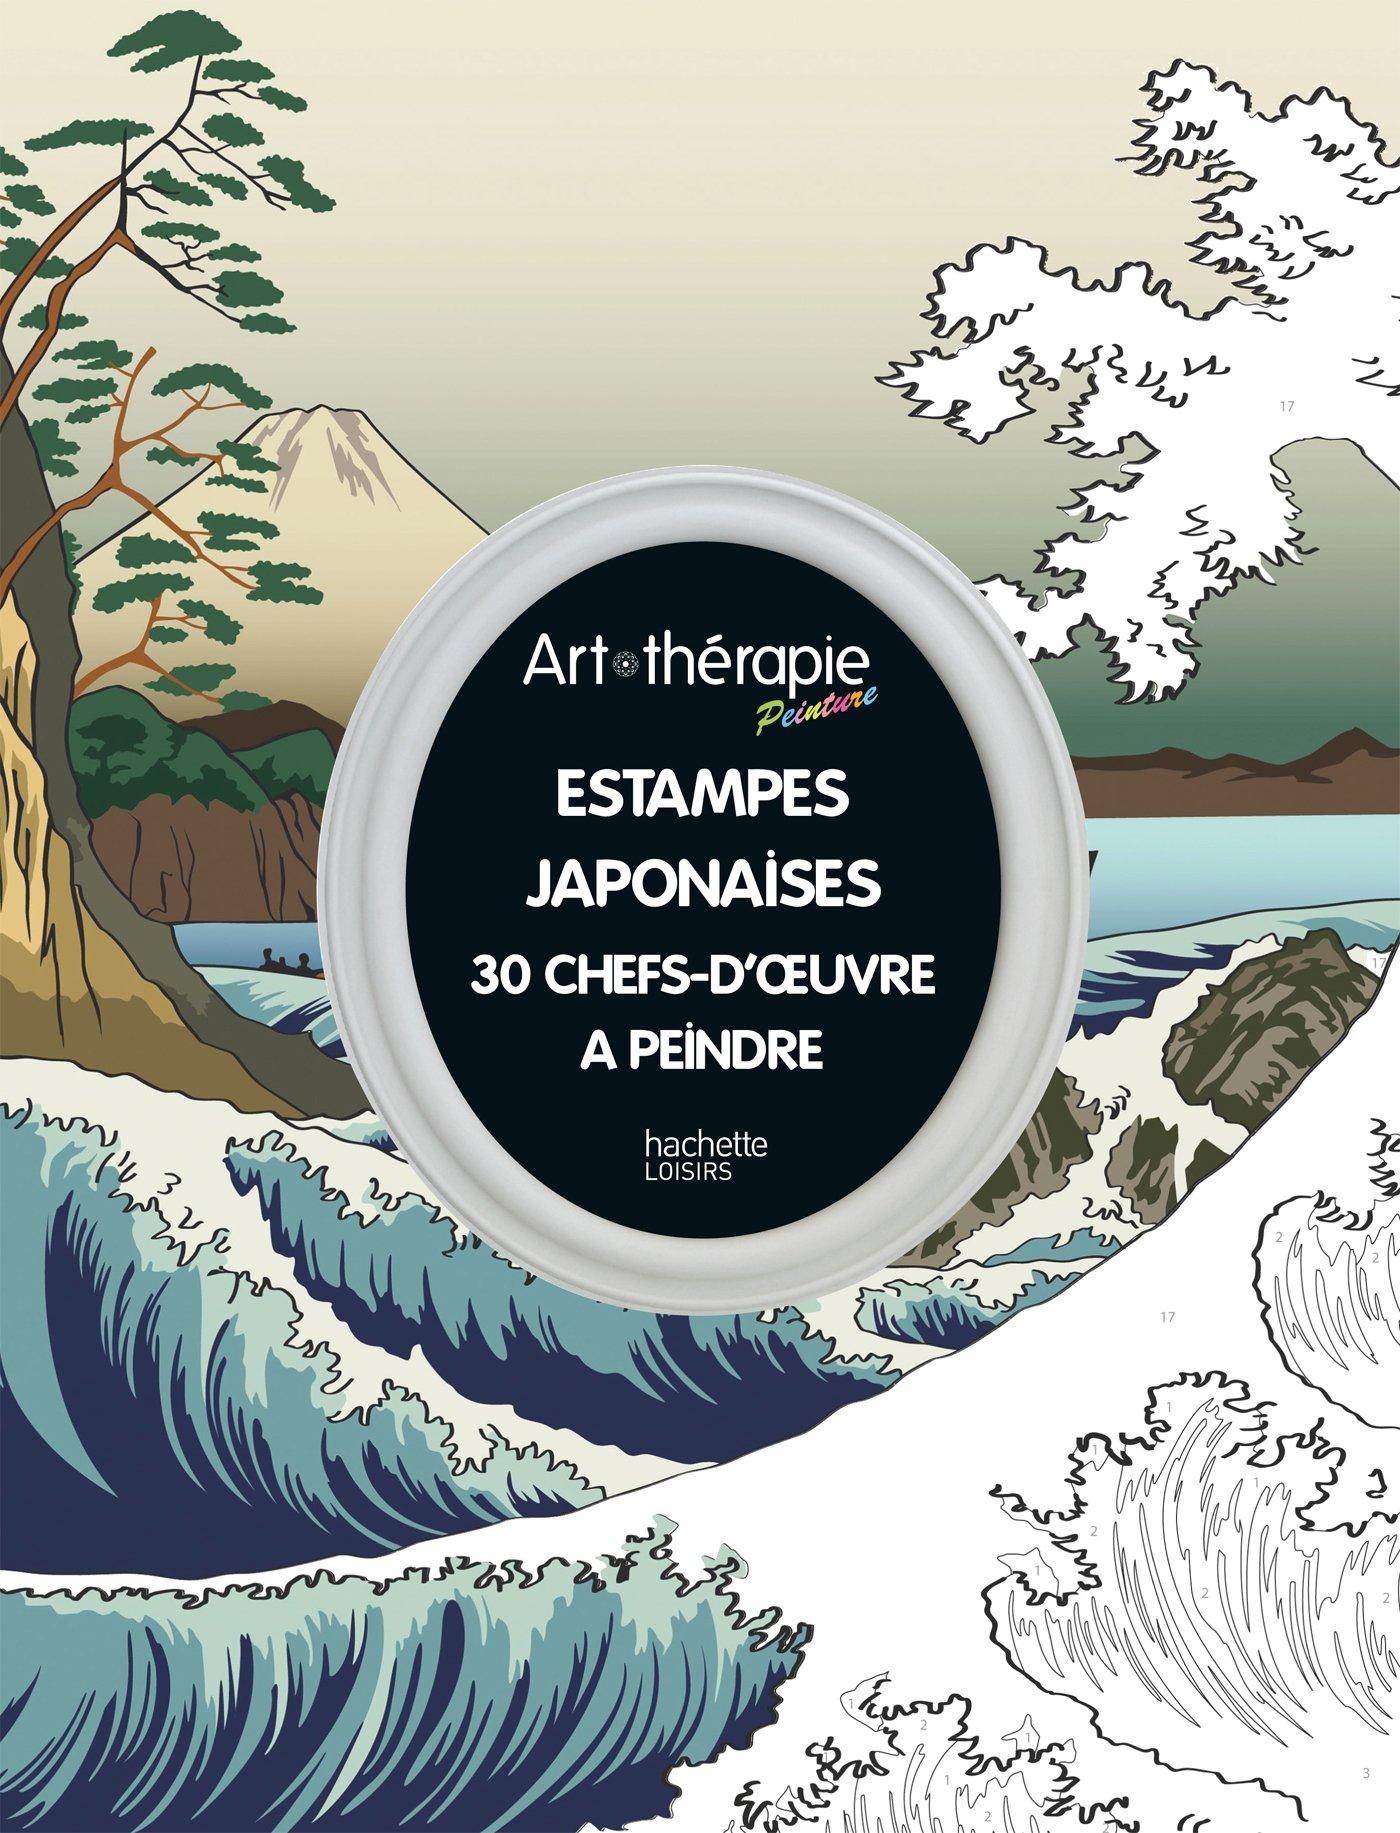 Estampes japonaises: 30 chefs d'oeuvre à peindre